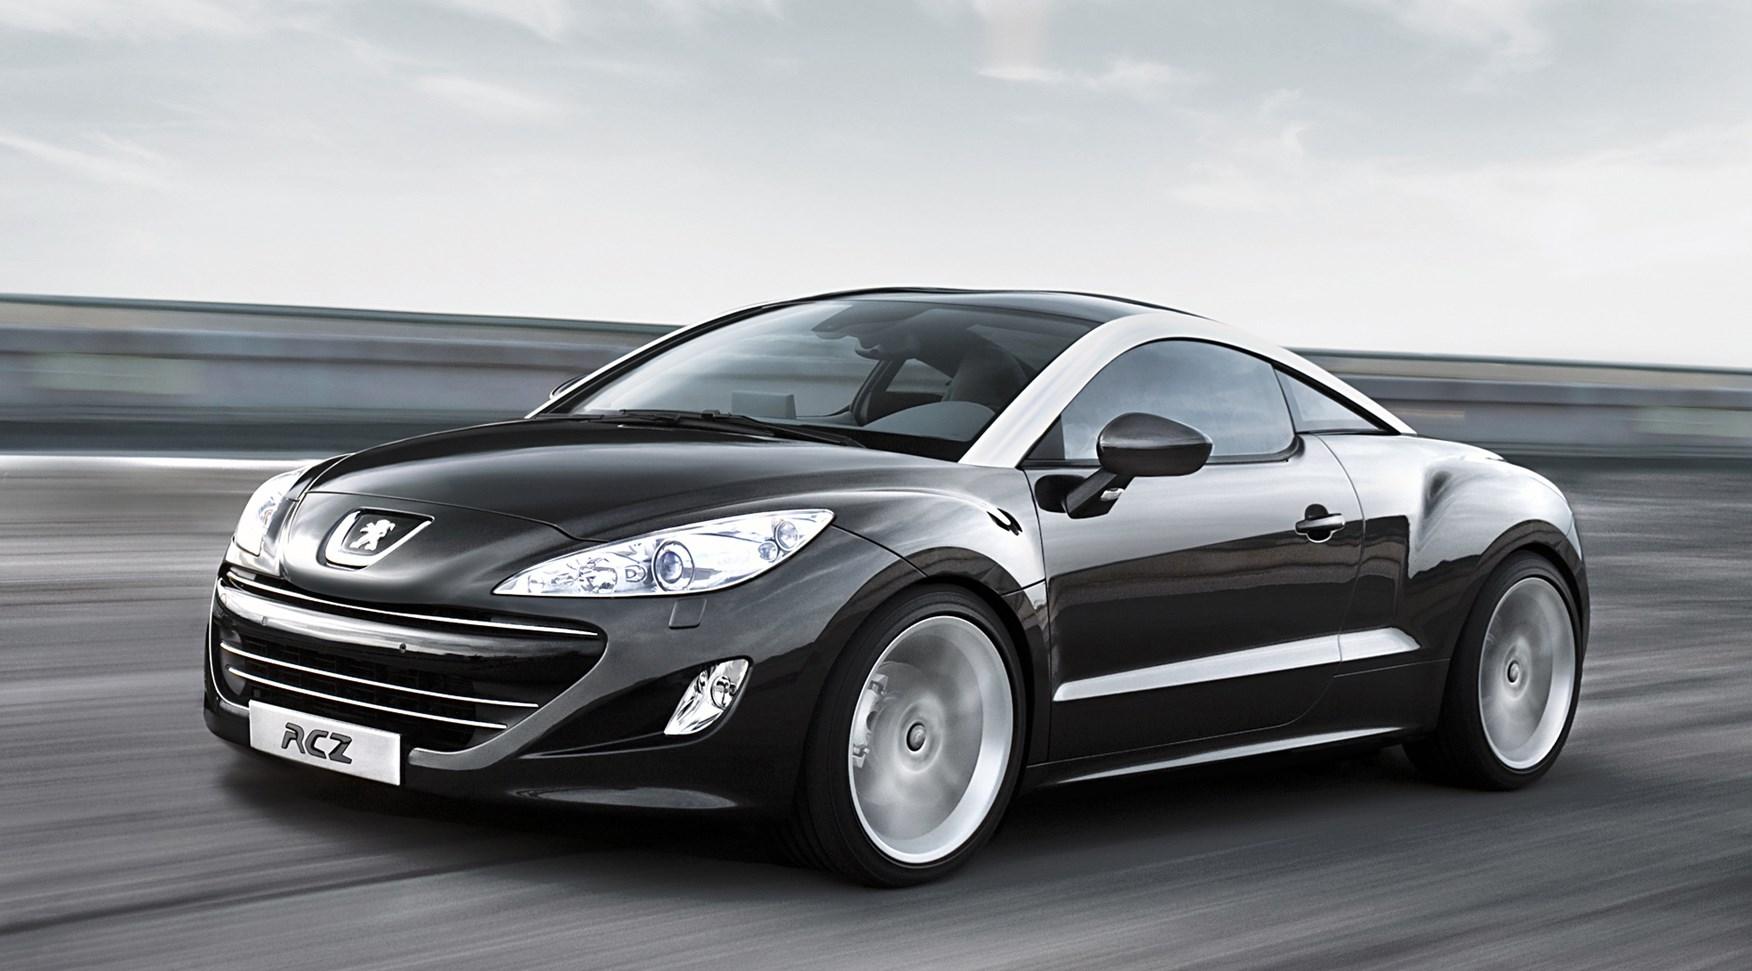 Peugeot RCZ I 2010 - 2012 Coupe #2